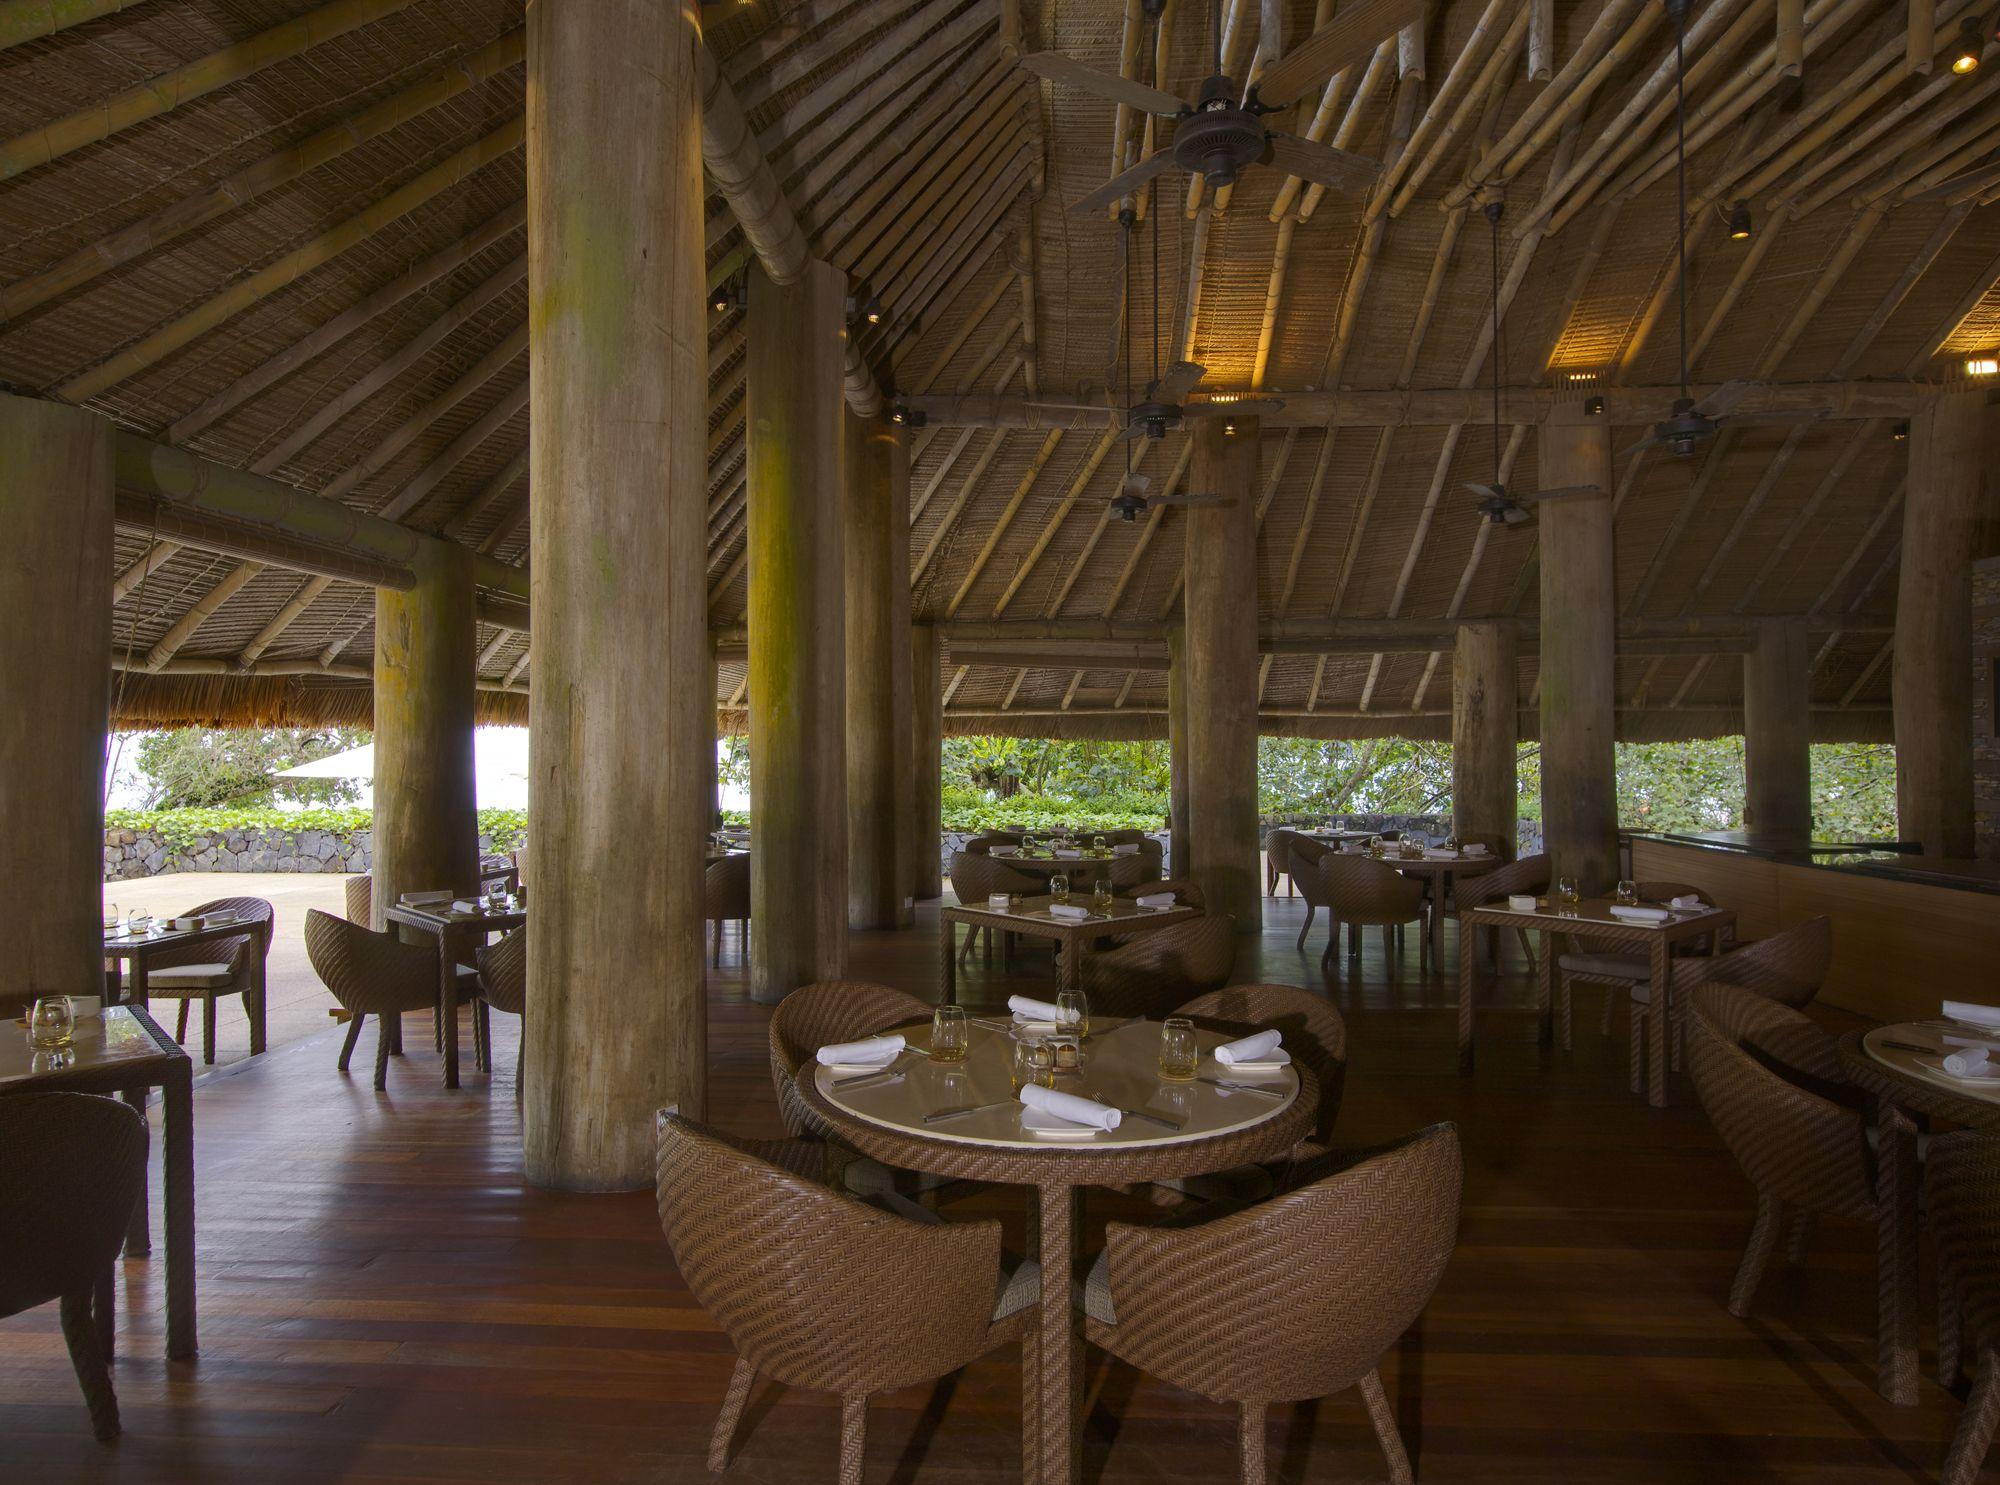 Beach Club Interior   Food & Beverage   Pinterest